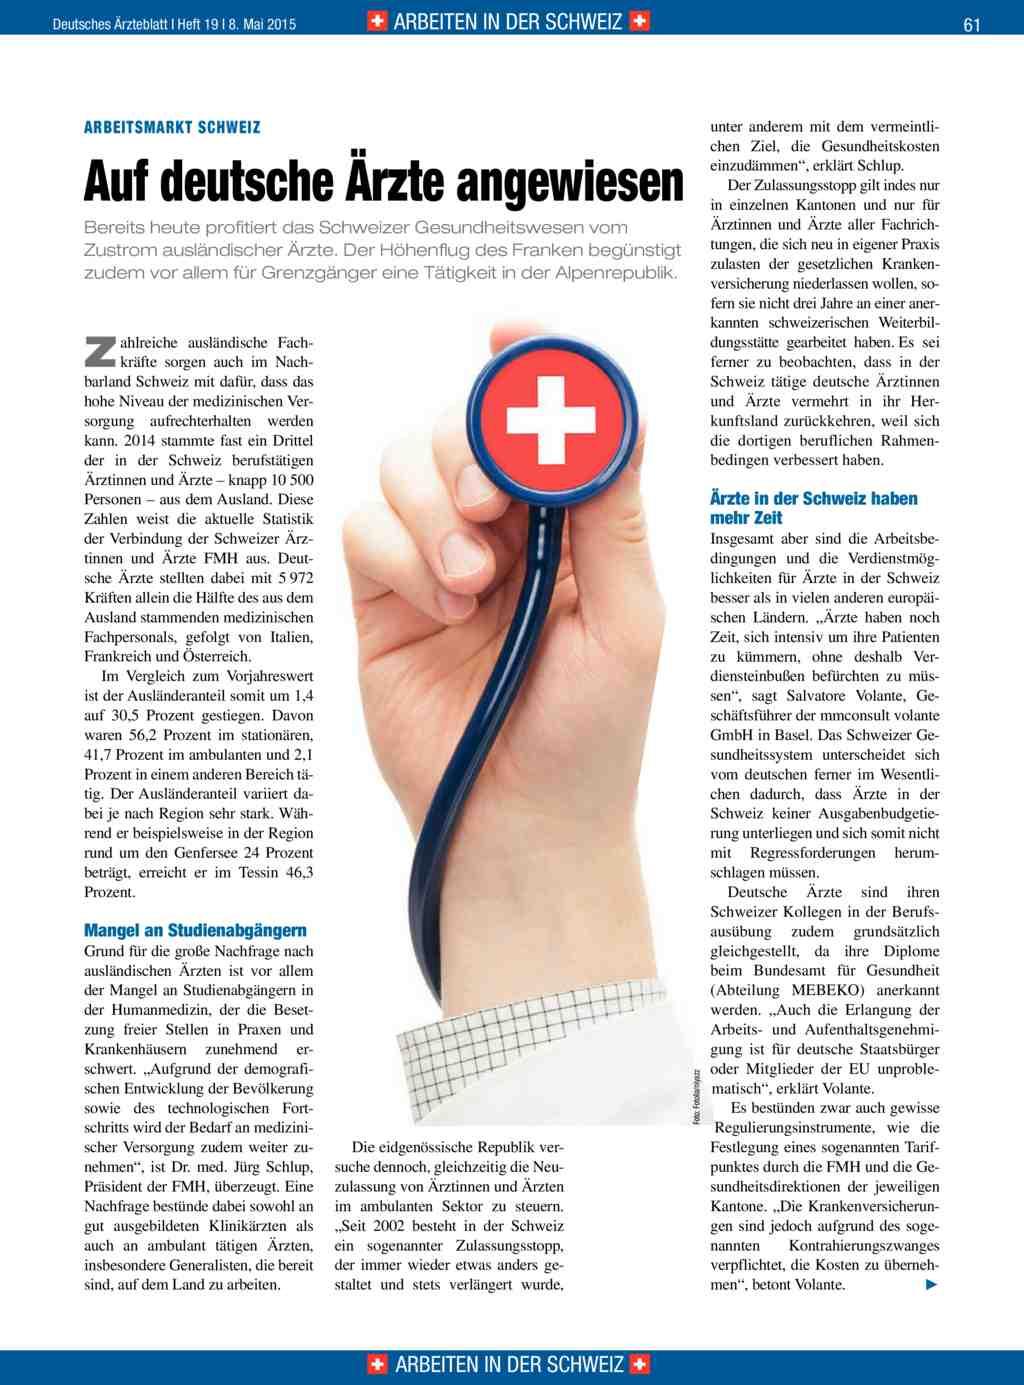 Arbeitsmarkt schweiz auf deutsche rzte angewiesen for Medizin studieren schweiz